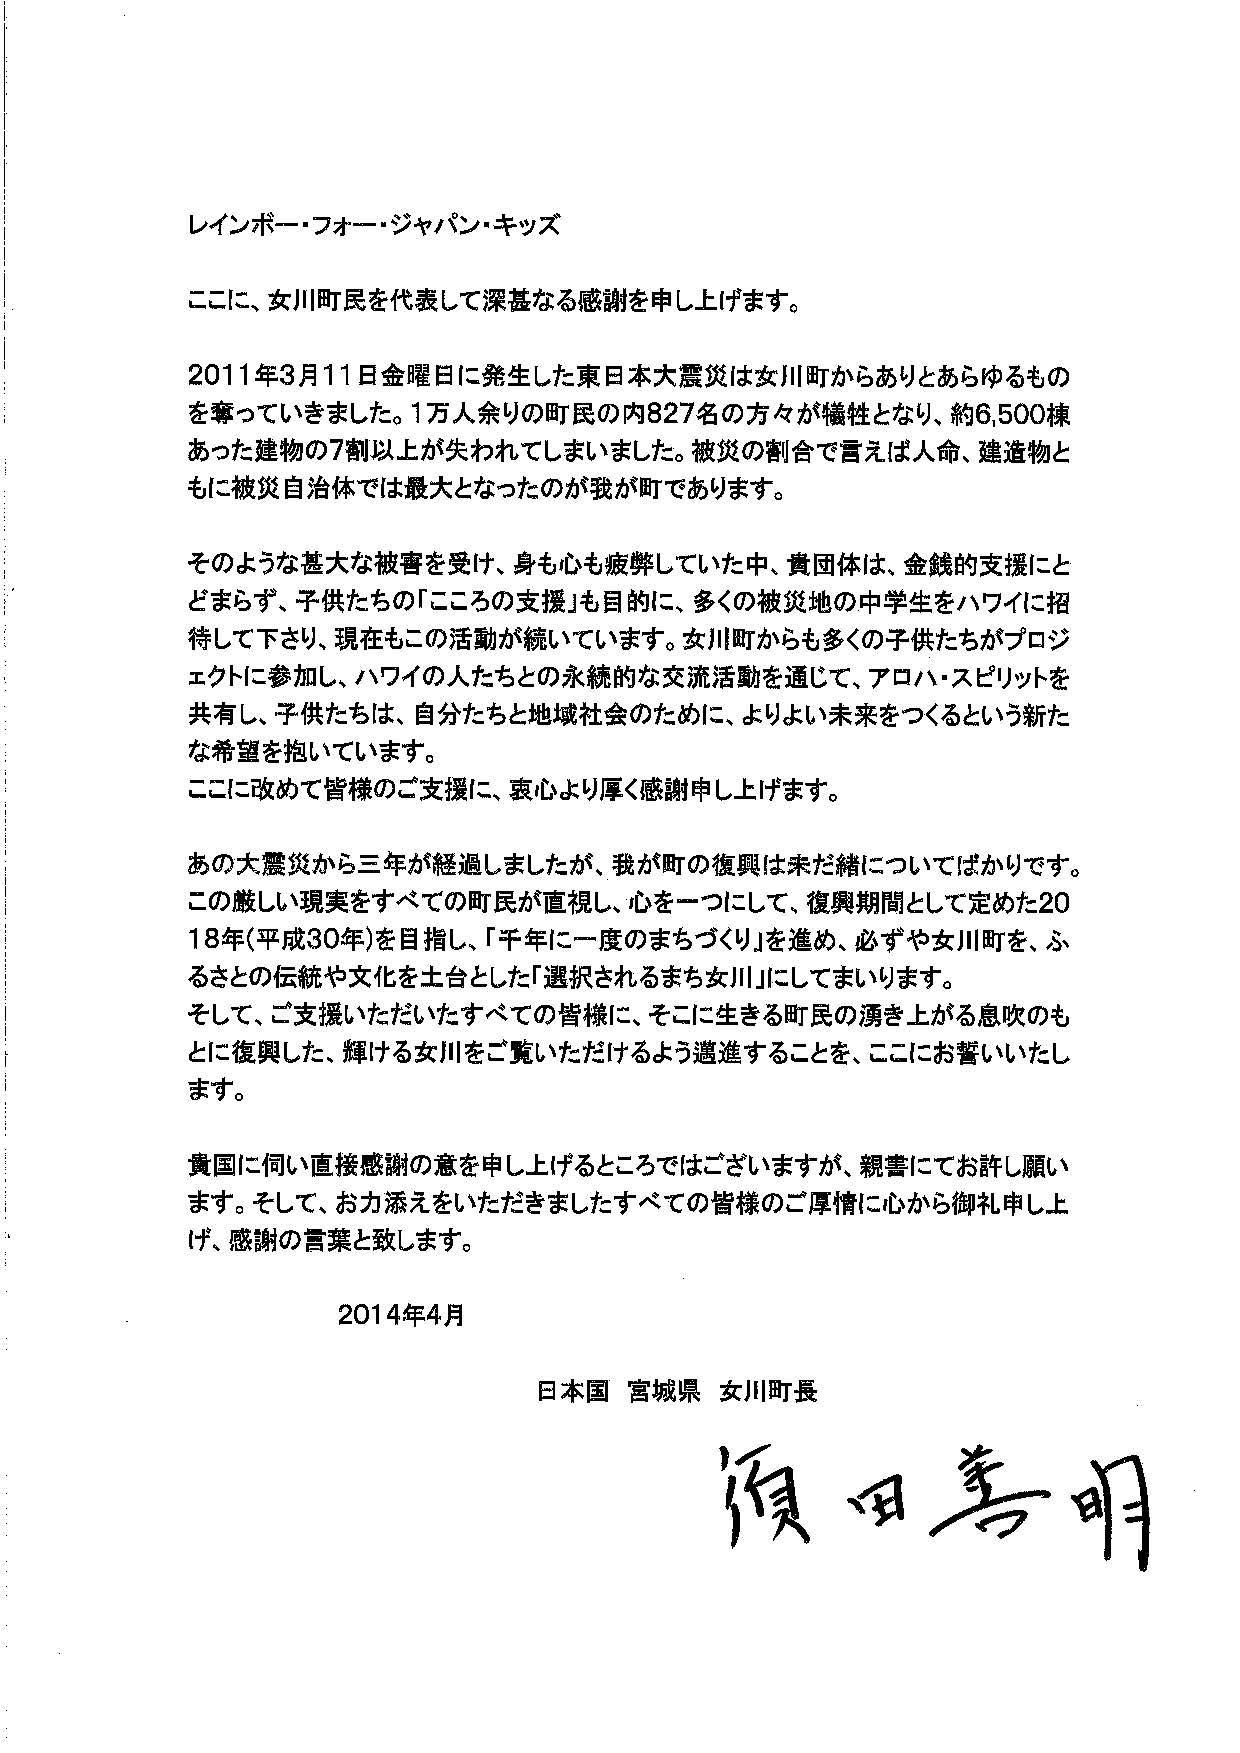 RFJK Onagawa Letter_jp